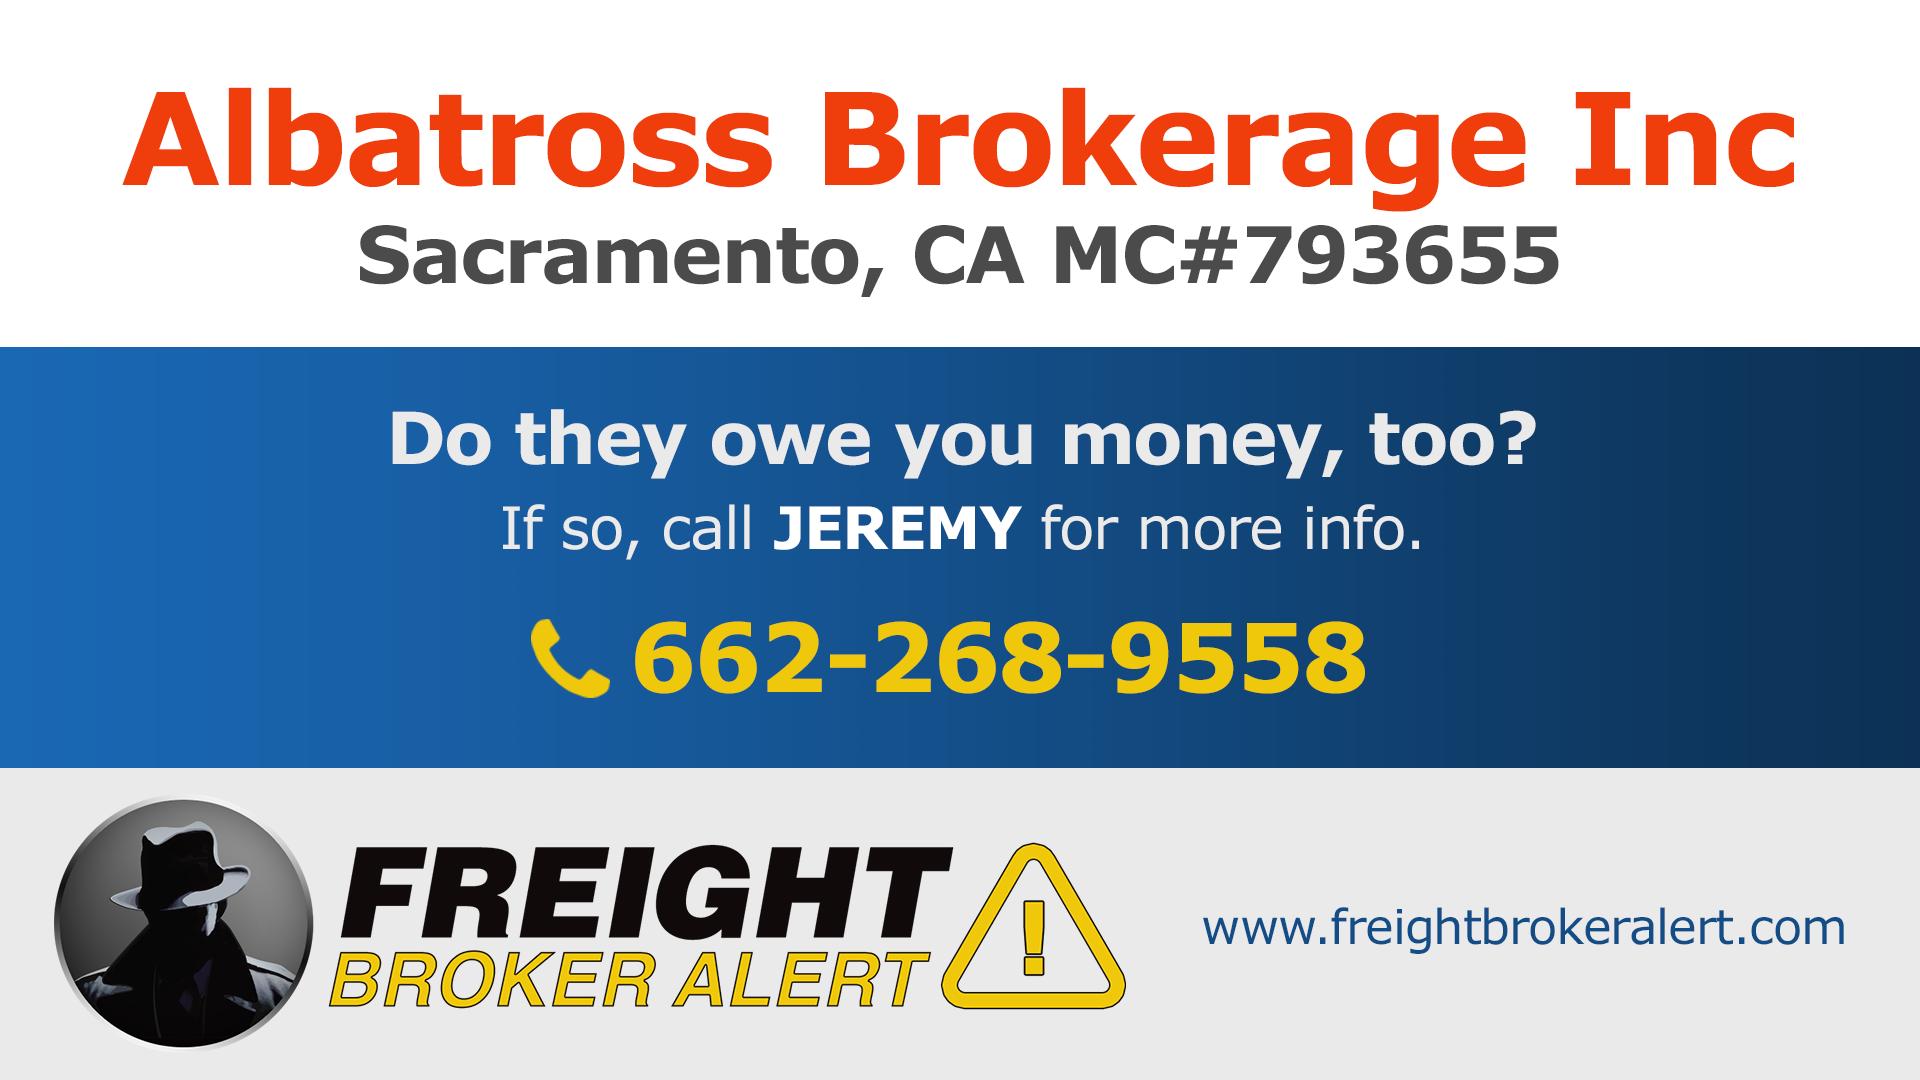 Albatross Brokerage Inc California